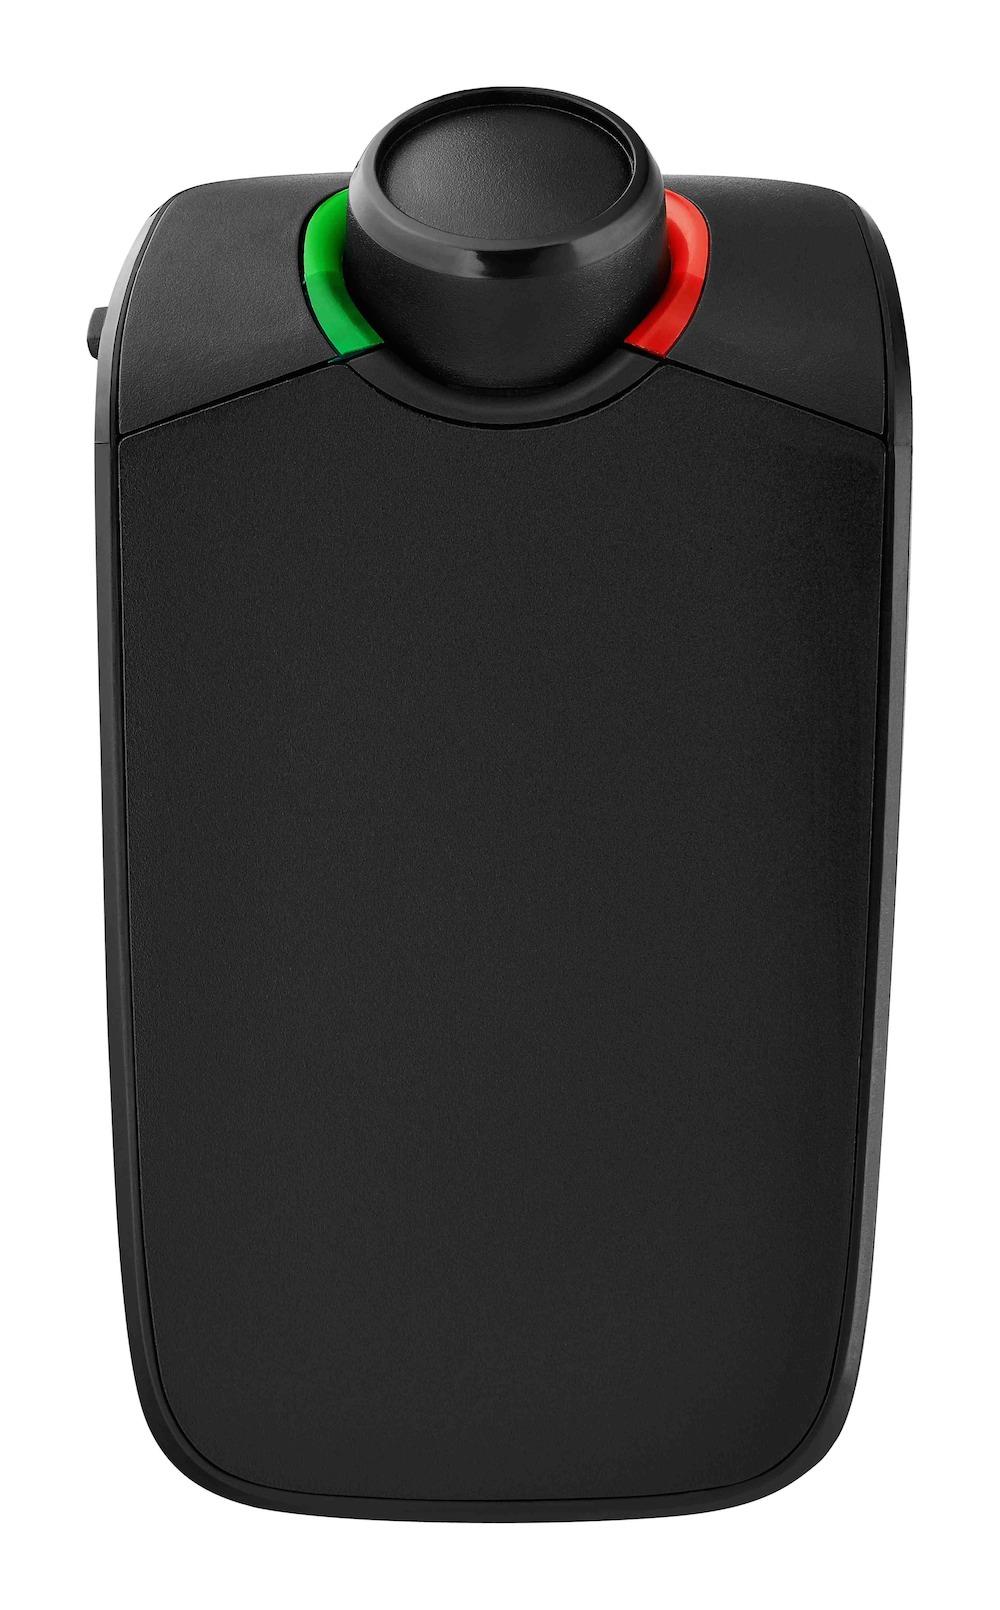 parrot minikit neo 2 hd chiamate hd voice con il nuovo. Black Bedroom Furniture Sets. Home Design Ideas